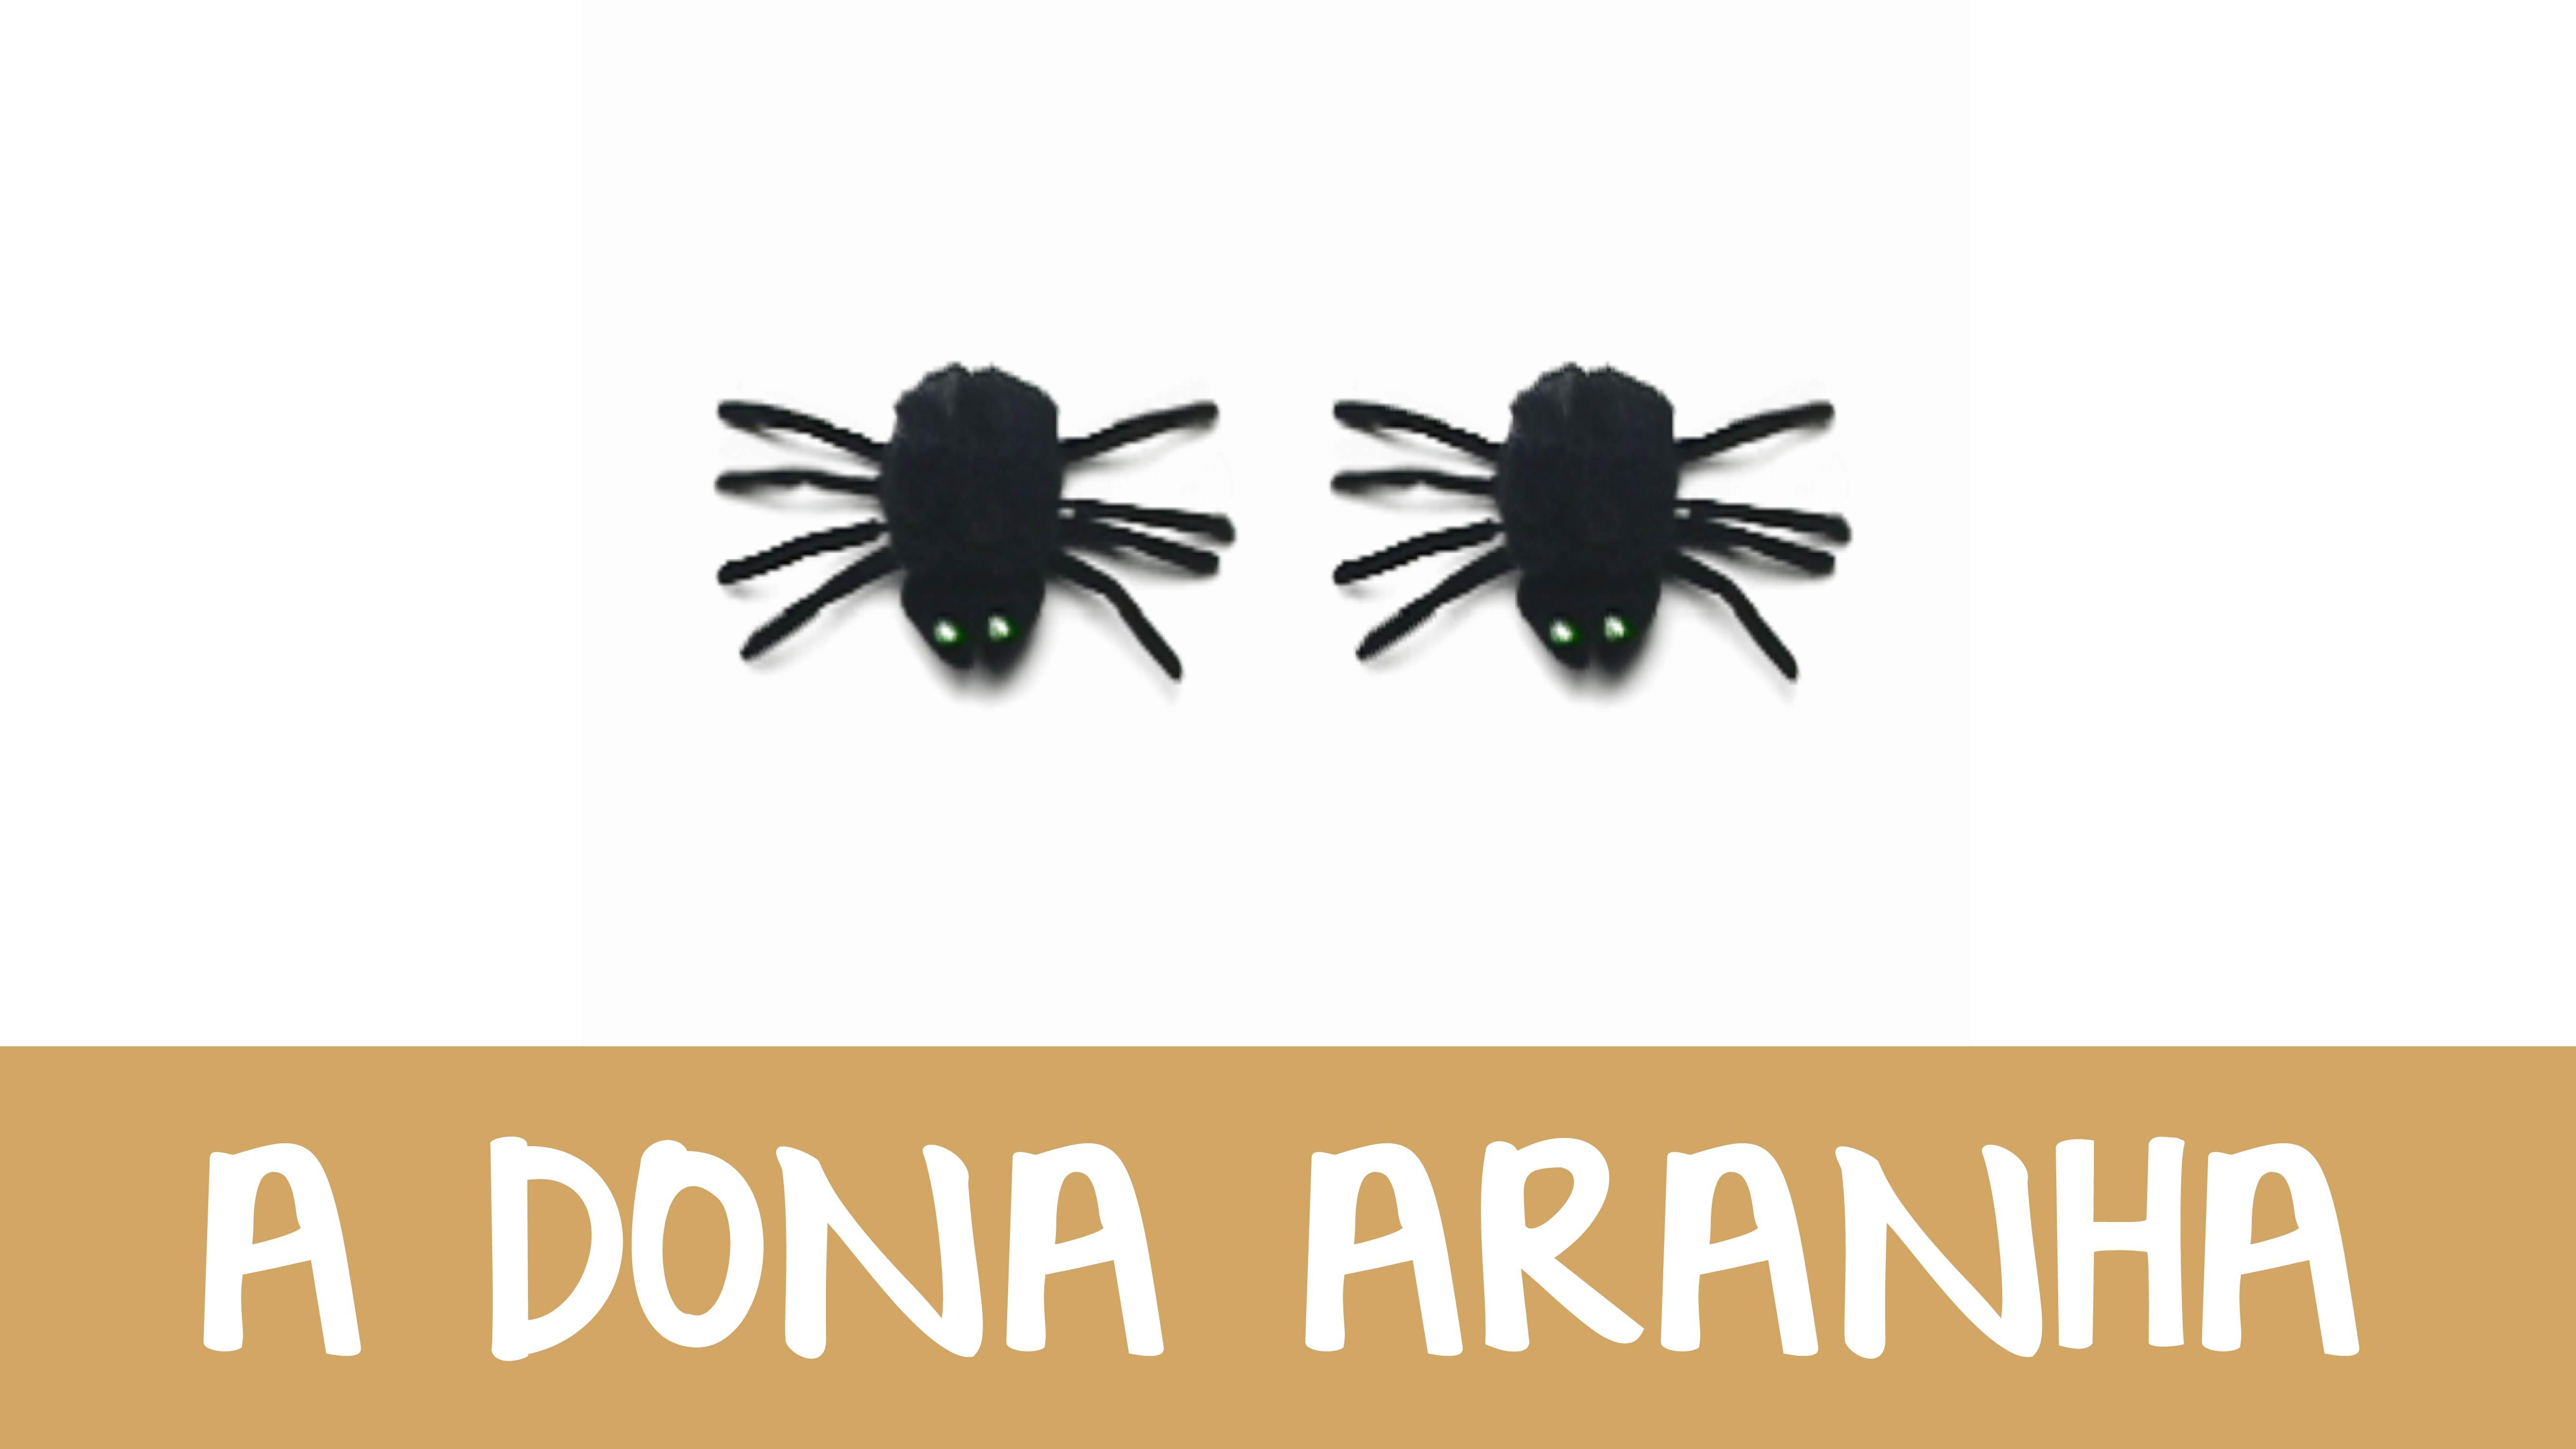 bbm_capa_youtube_a_dona_aranha-01